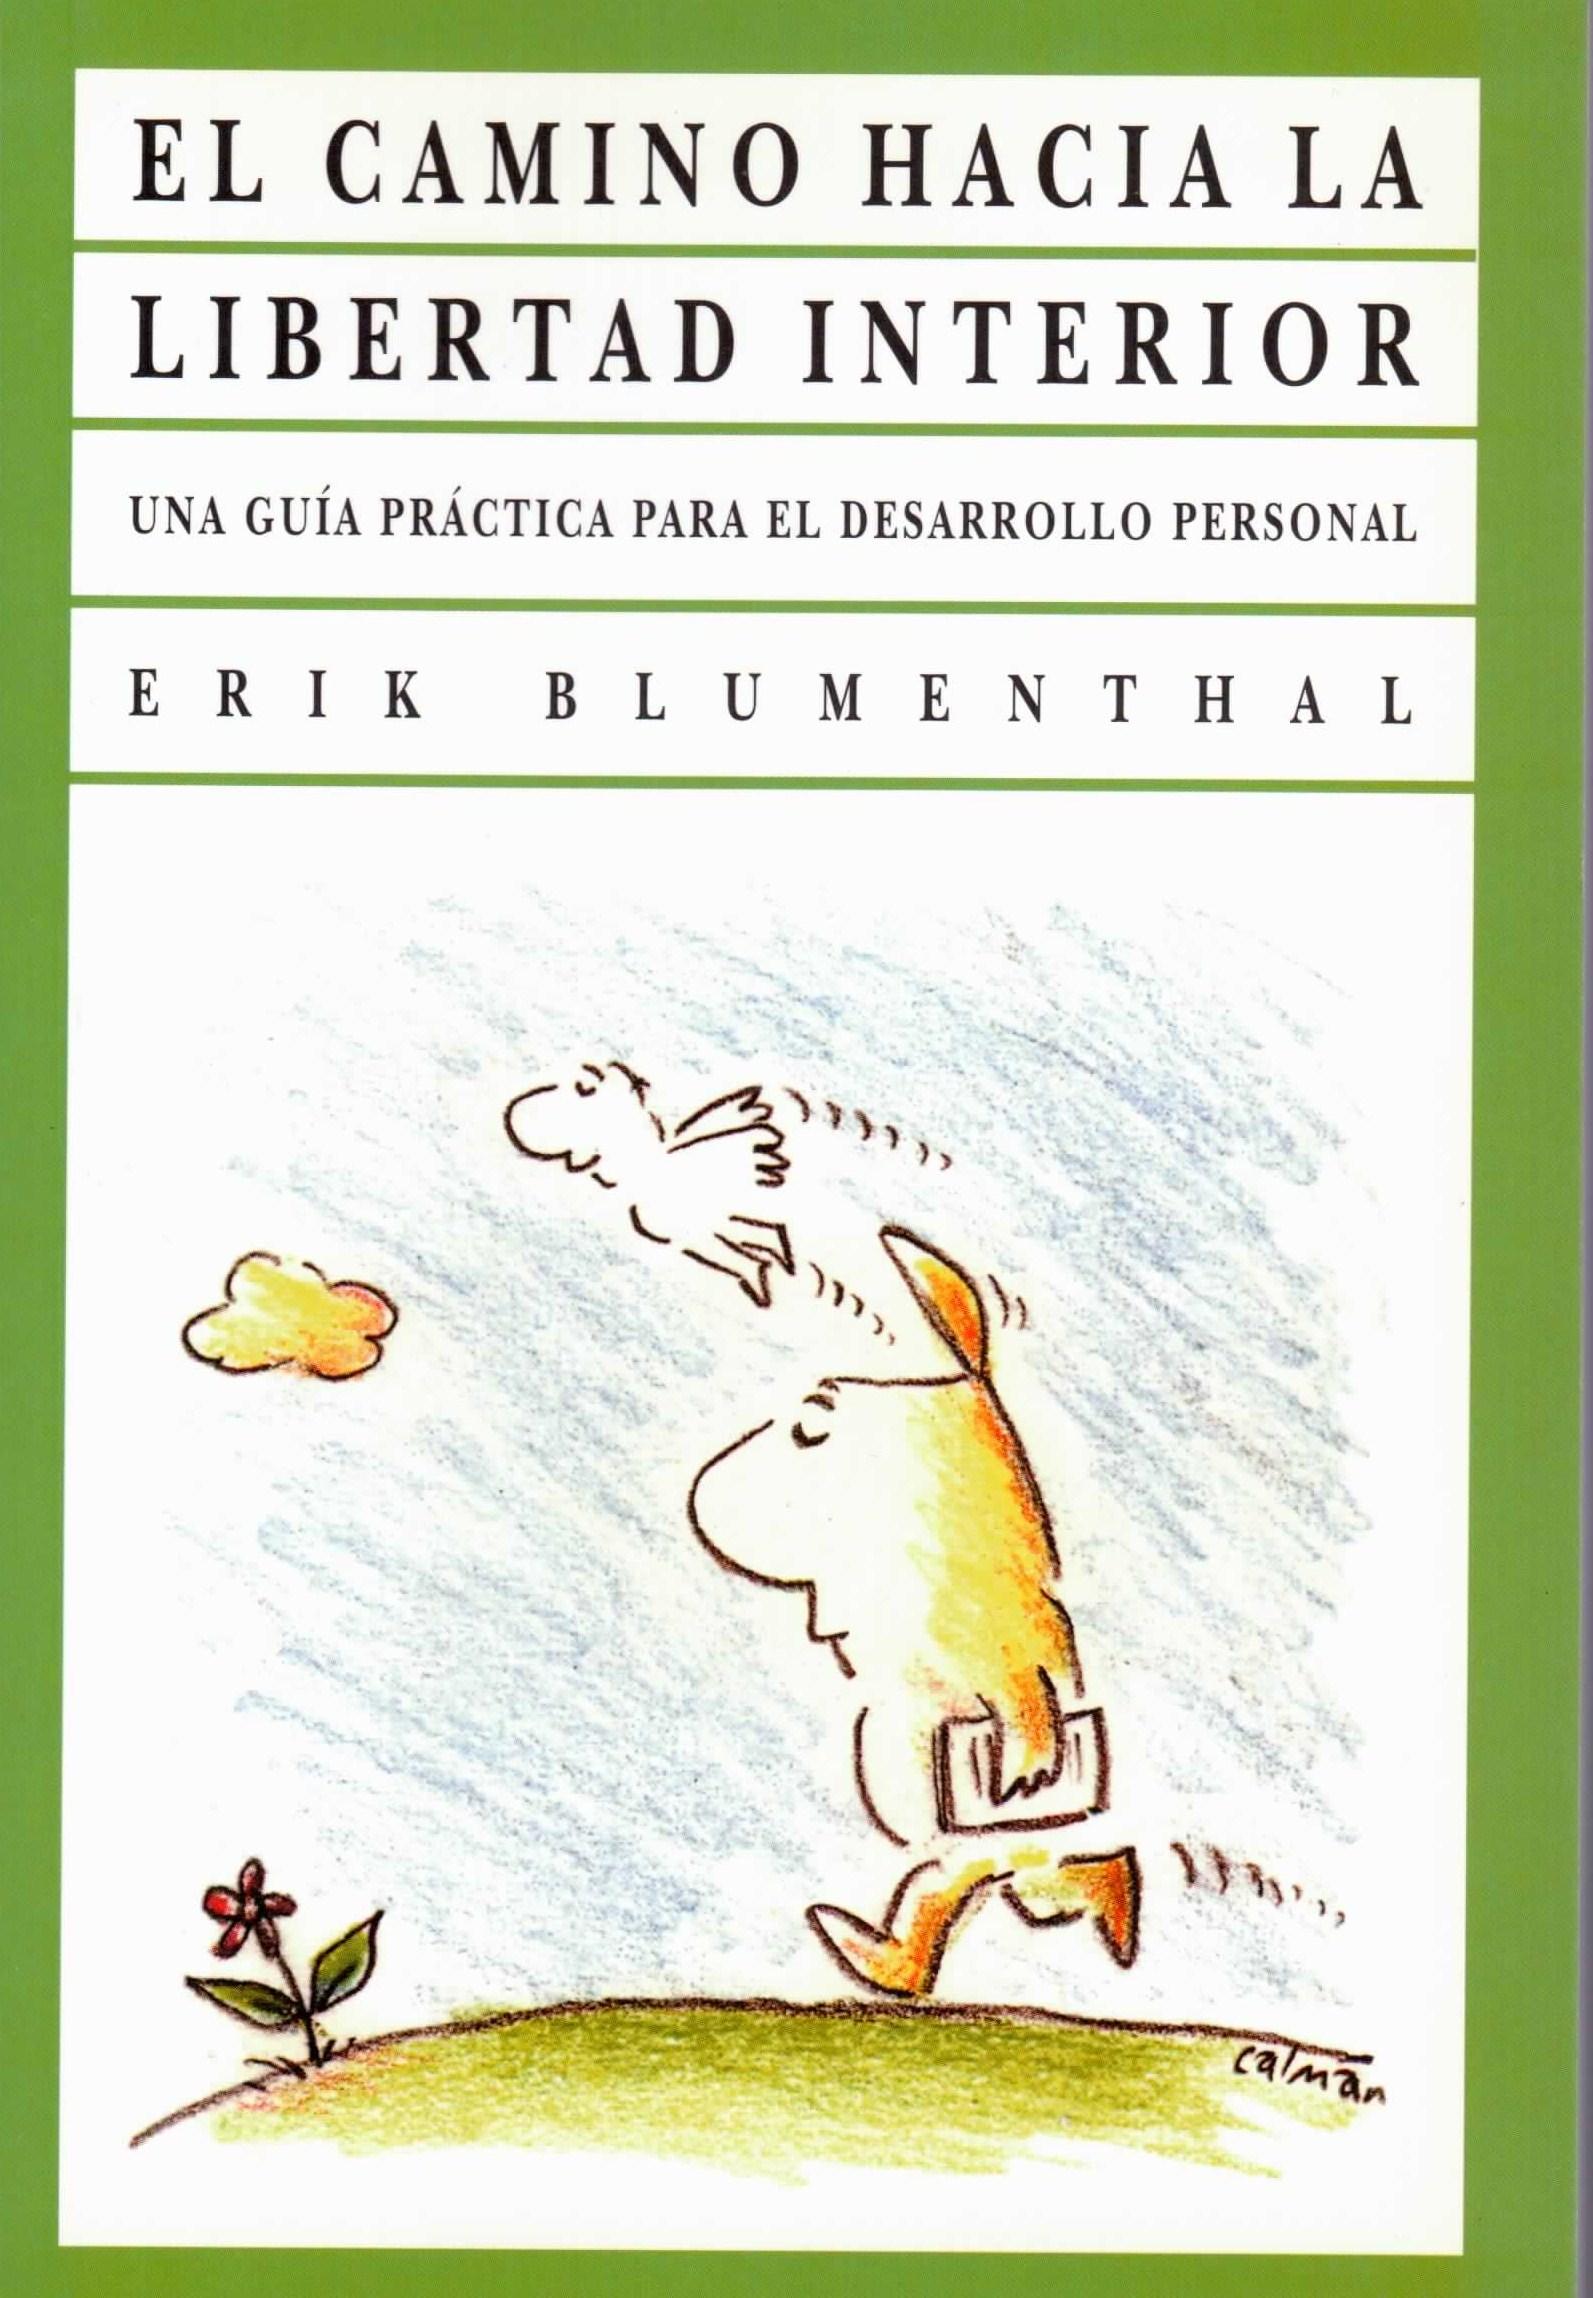 Camino hacia la libertad interior el peaceful pages for La libertad interior libro